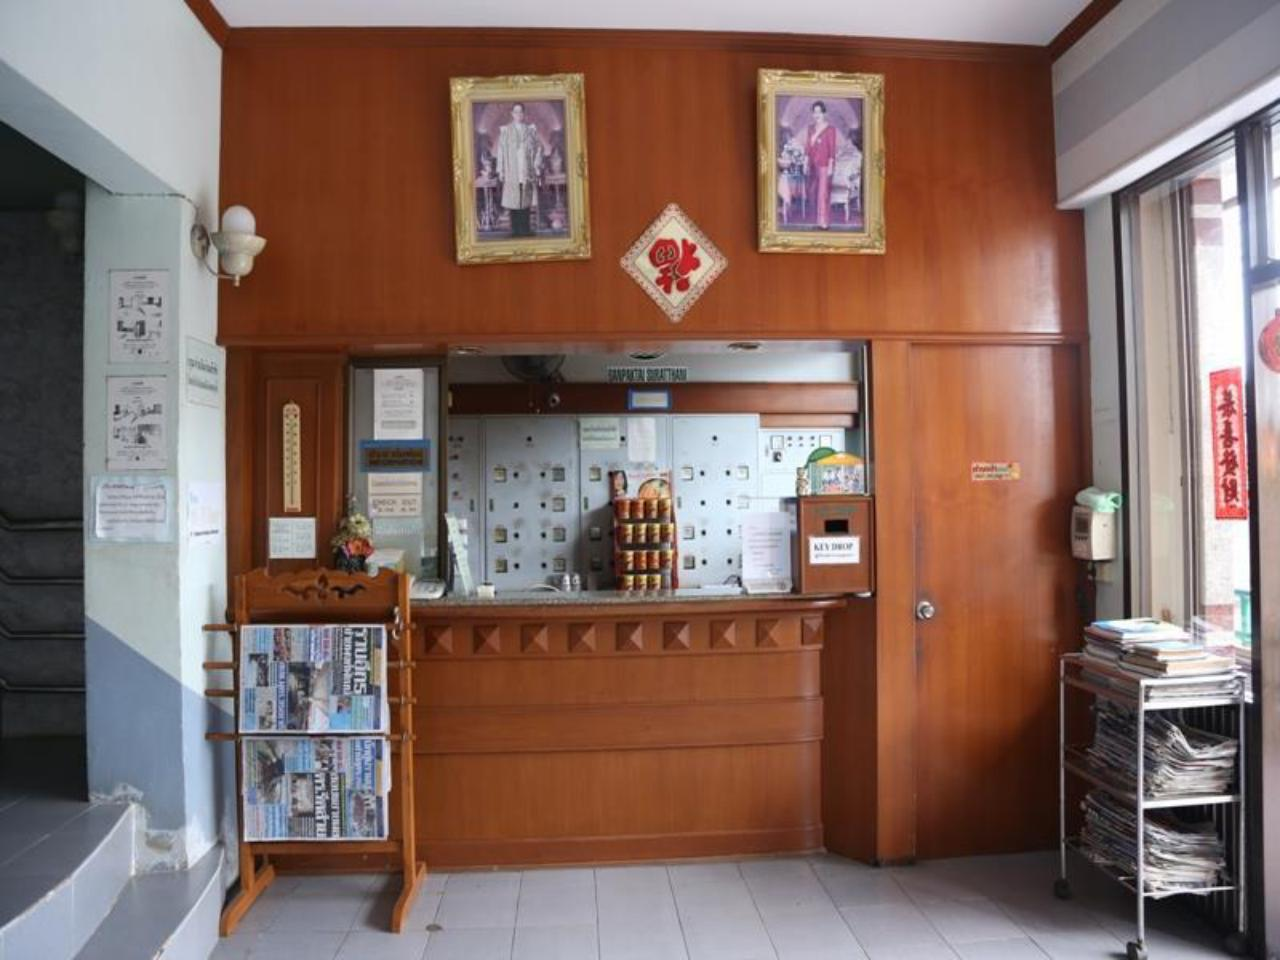 โรงแรมบ้านพักไทย (Banpaktai Hotel)